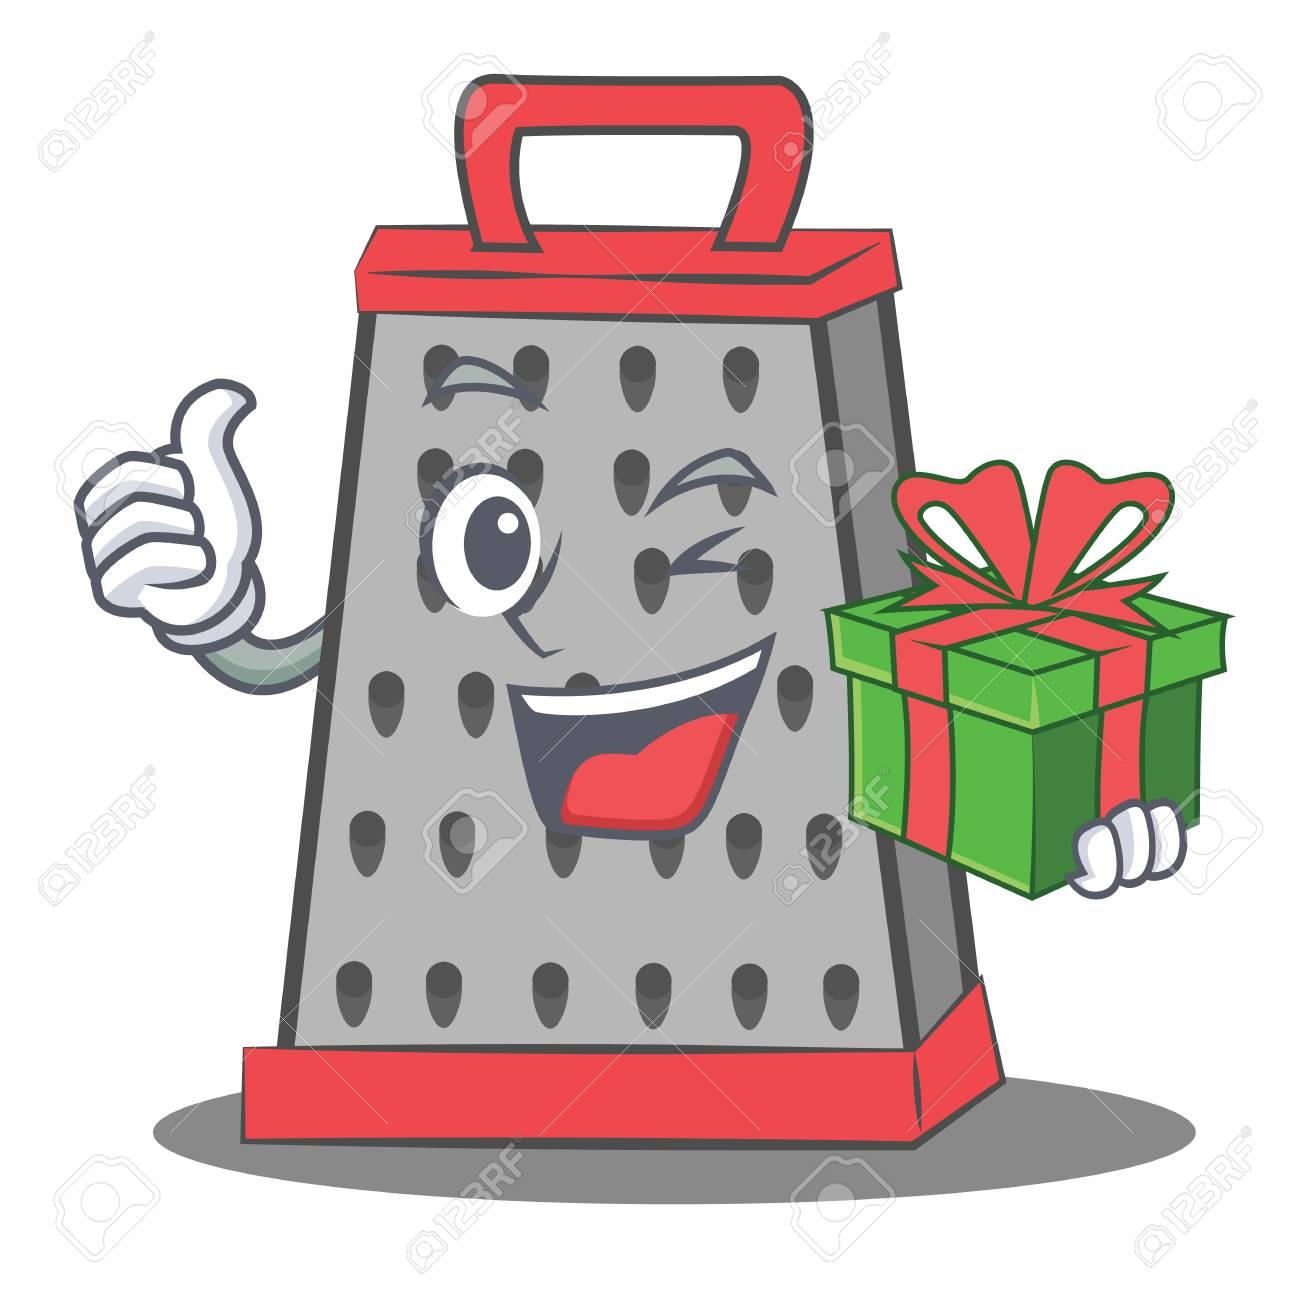 Mit Geschenkküche Reibe Charakter Cartoon Lizenzfrei Nutzbare ...